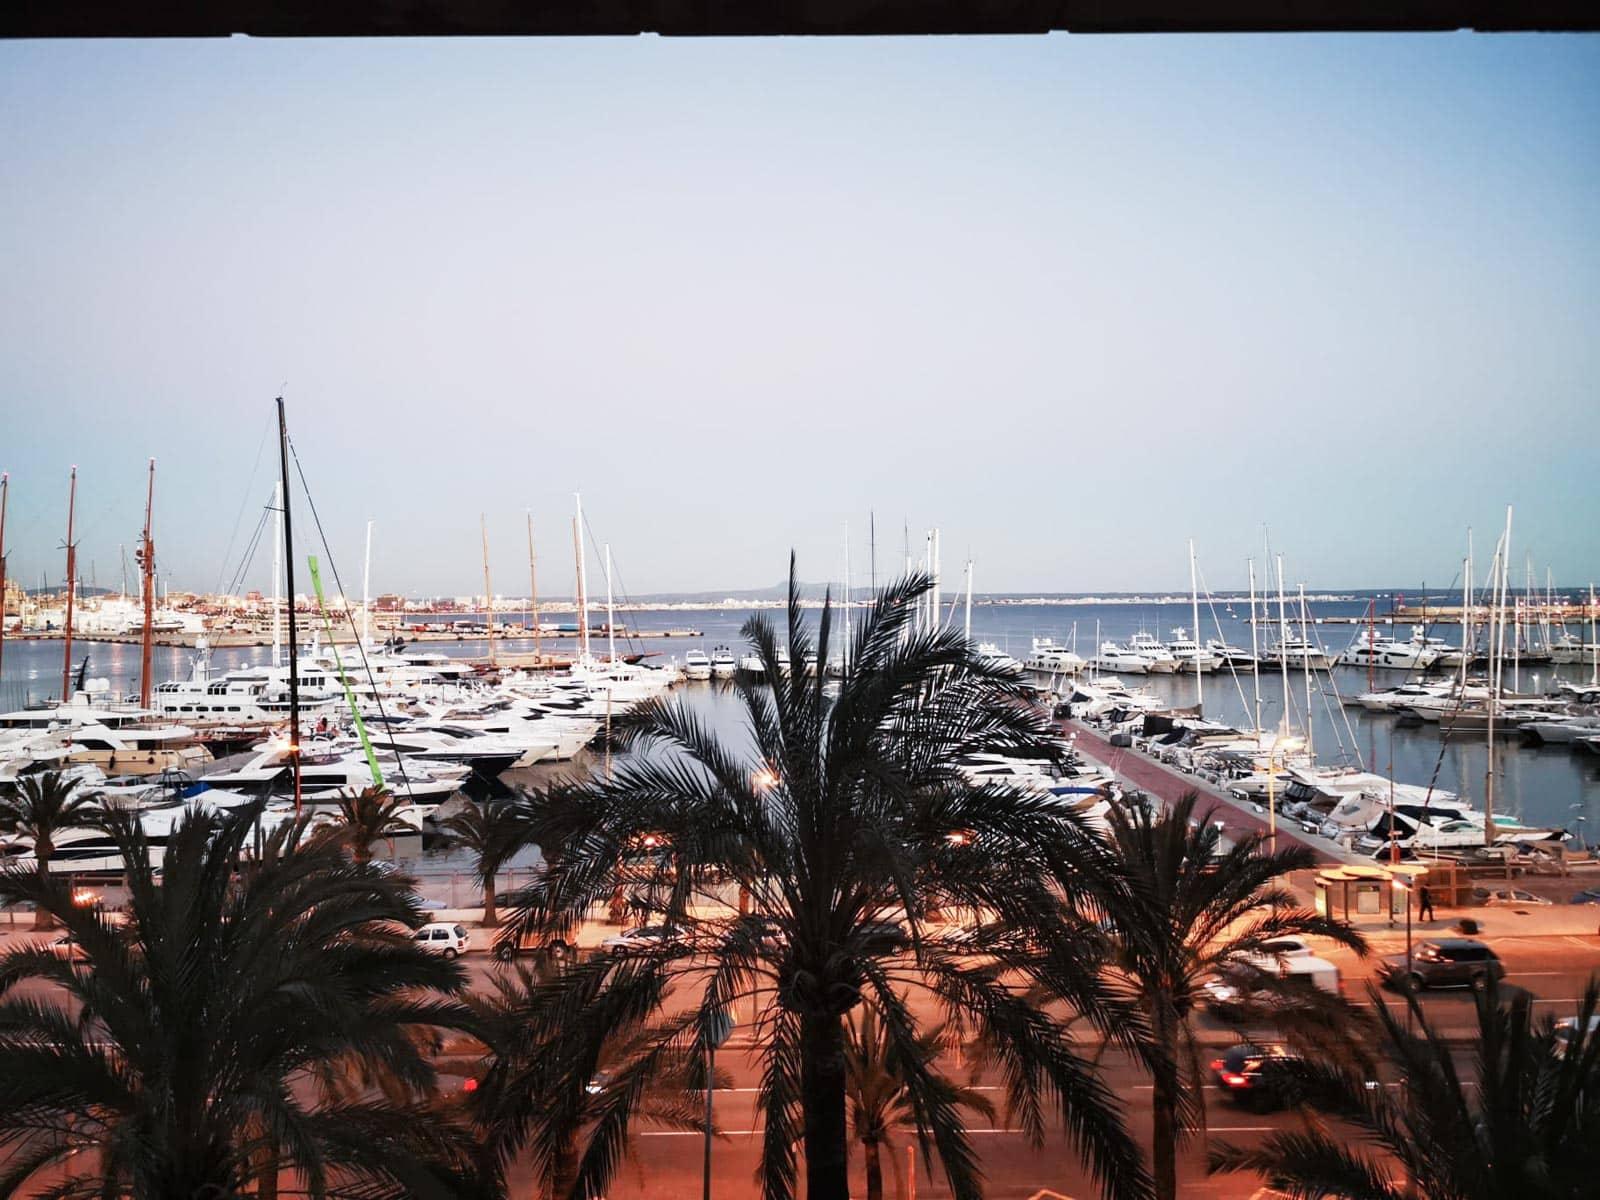 Wohnung mit herrlichem Blick auf den Hafen von Palma